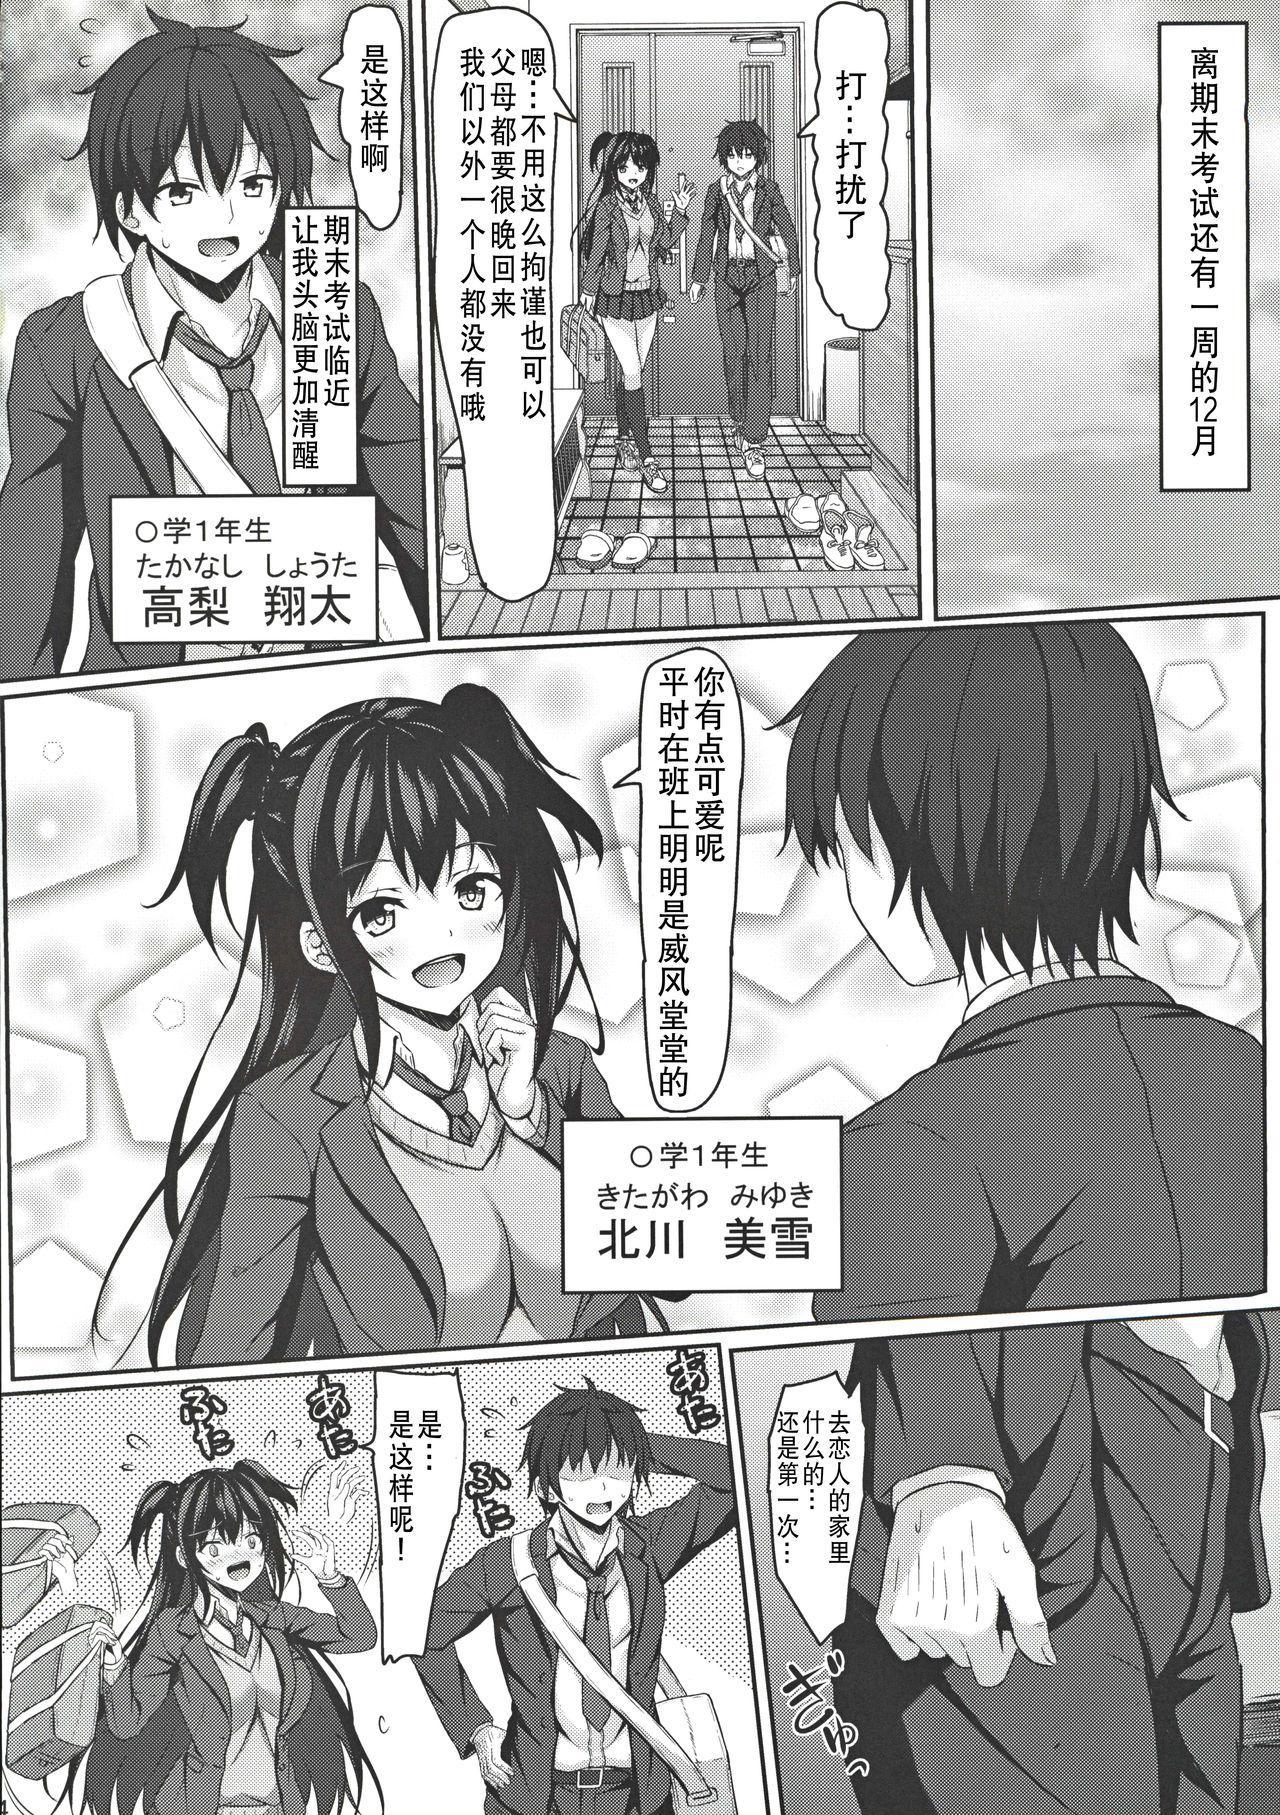 (C97) [Akanagi (Aikawa Tatsuki)] Chuugaku 1-nen no Boku to Koibito no jk no Onee-chan [Chinese] [v.v.t.m汉化组] 3